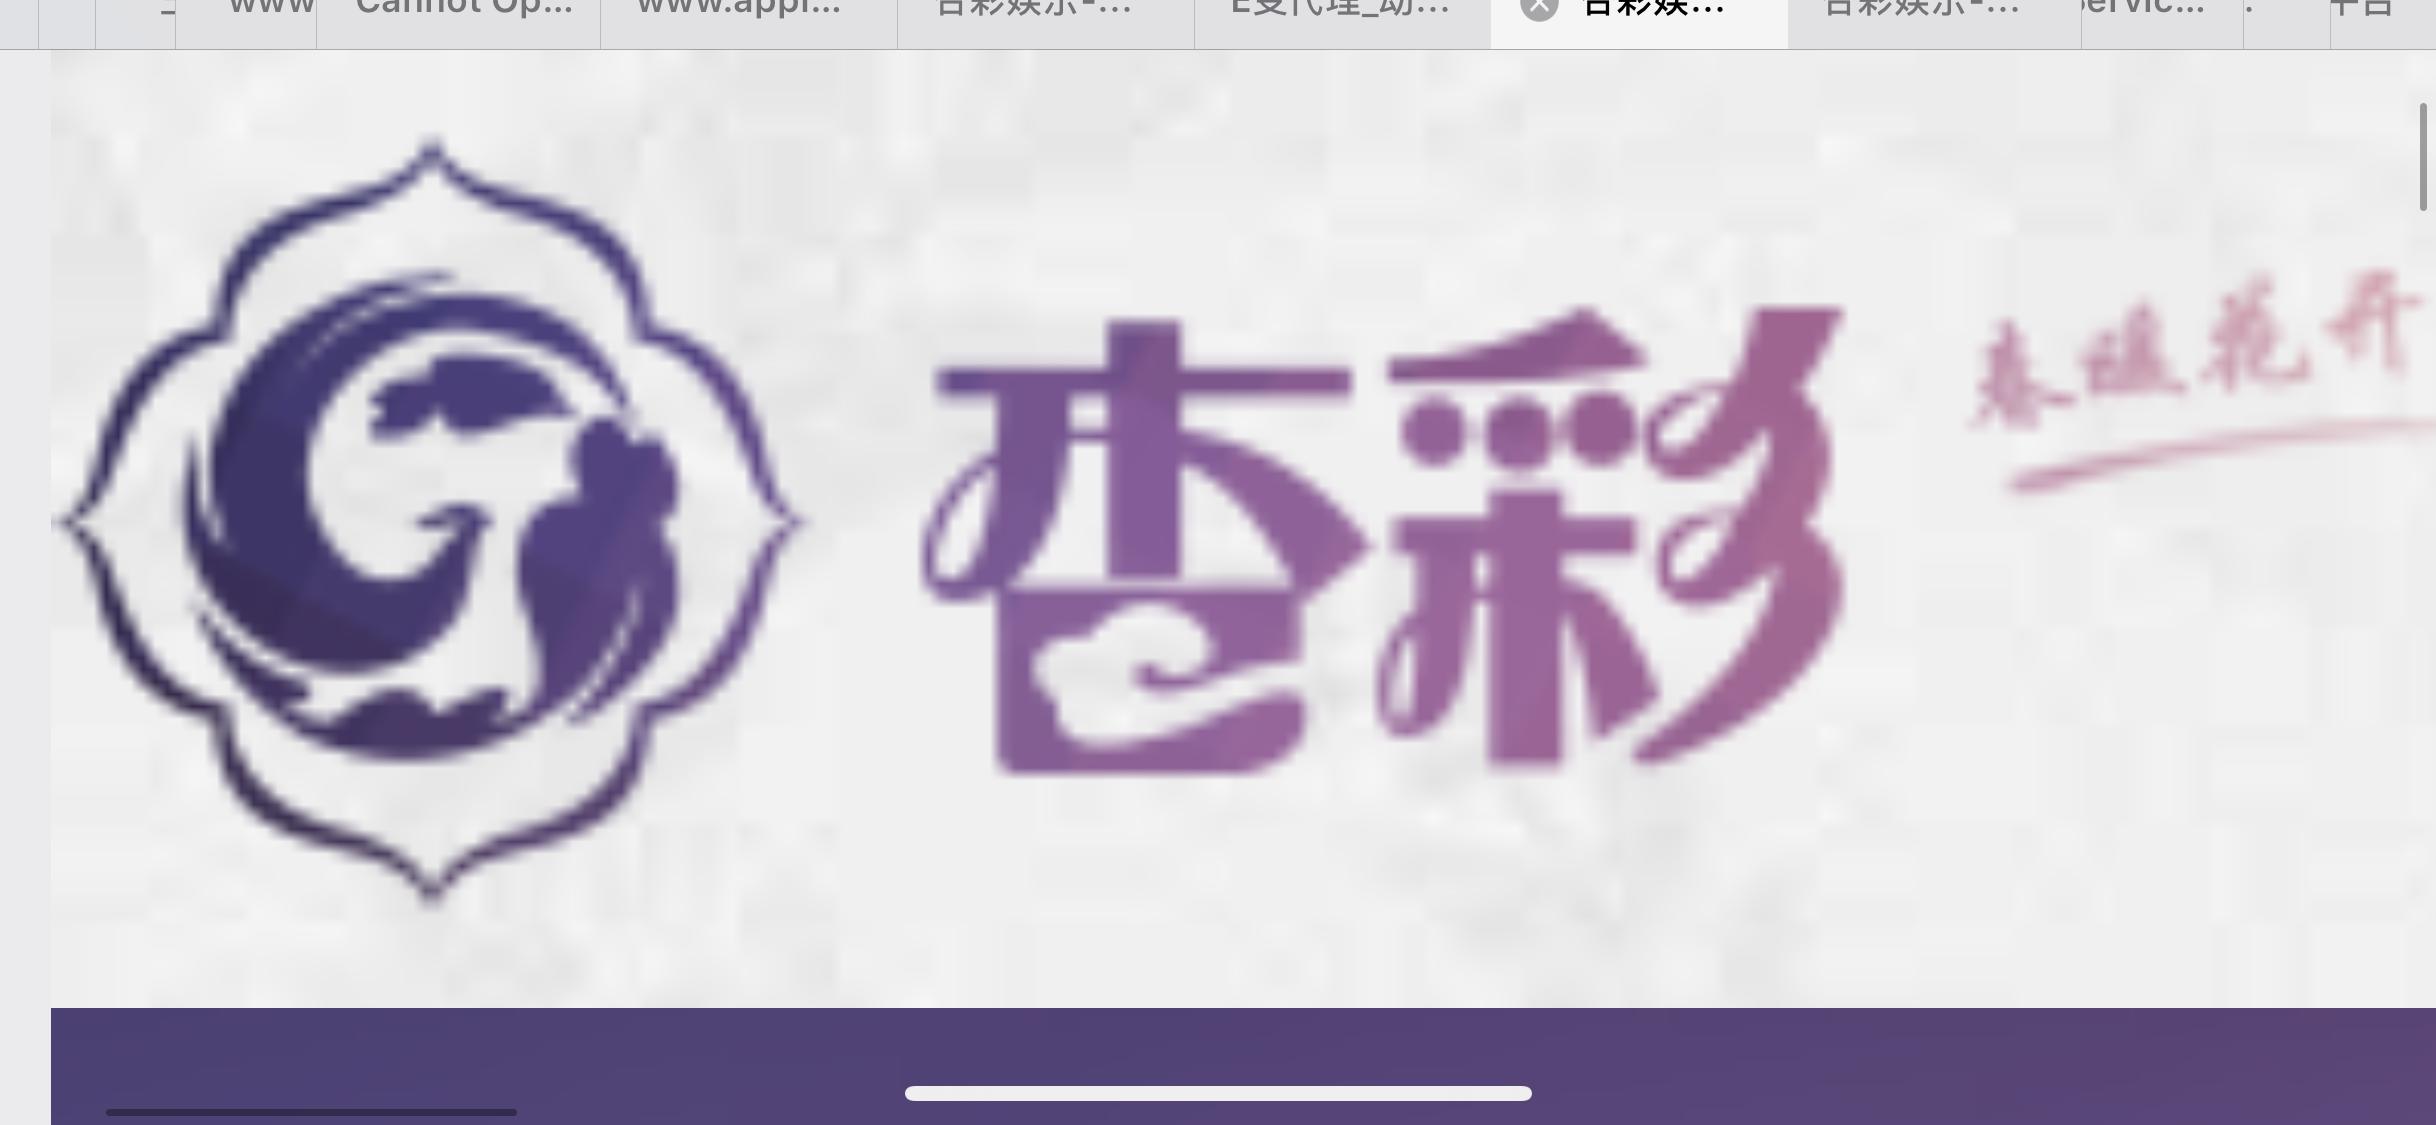 杏彩登记_挂号杏彩登录